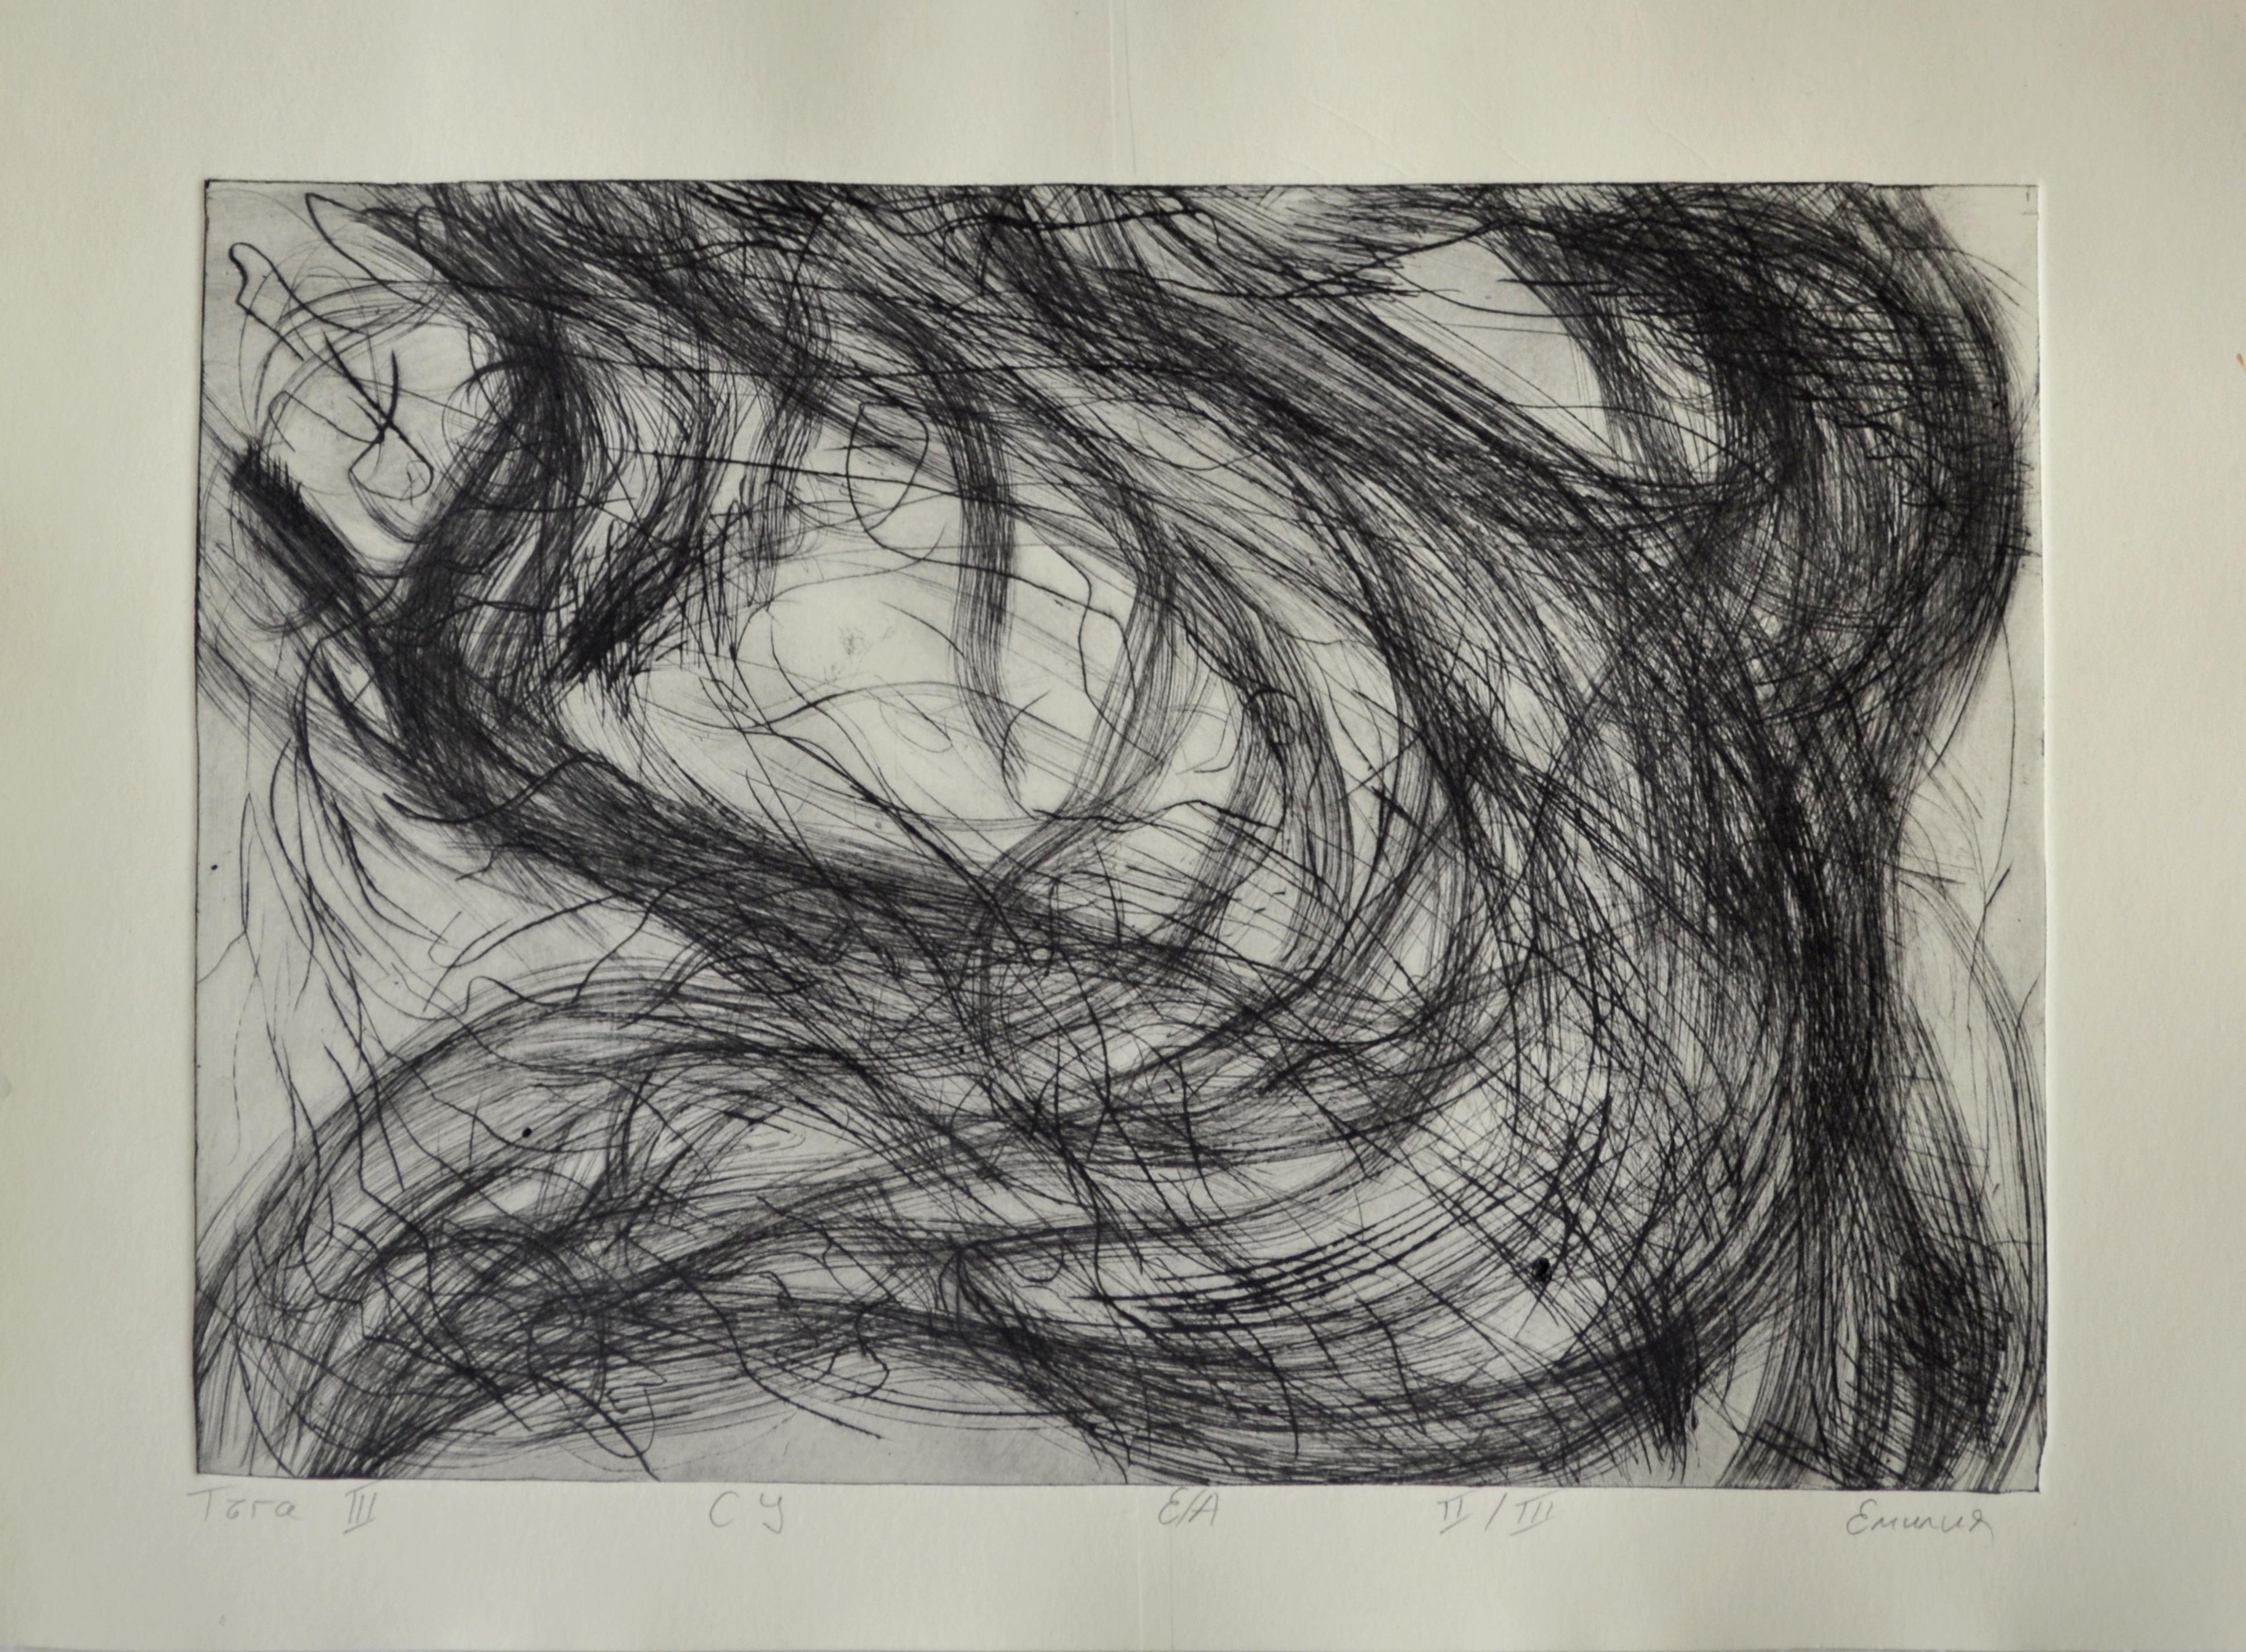 """Емилия Николова, специалност """"Изобразително изкуство"""", Тъга III, 2019 / Emilia Nikolova, degree programme """"Fine Arts"""", Sadness III, 2019"""